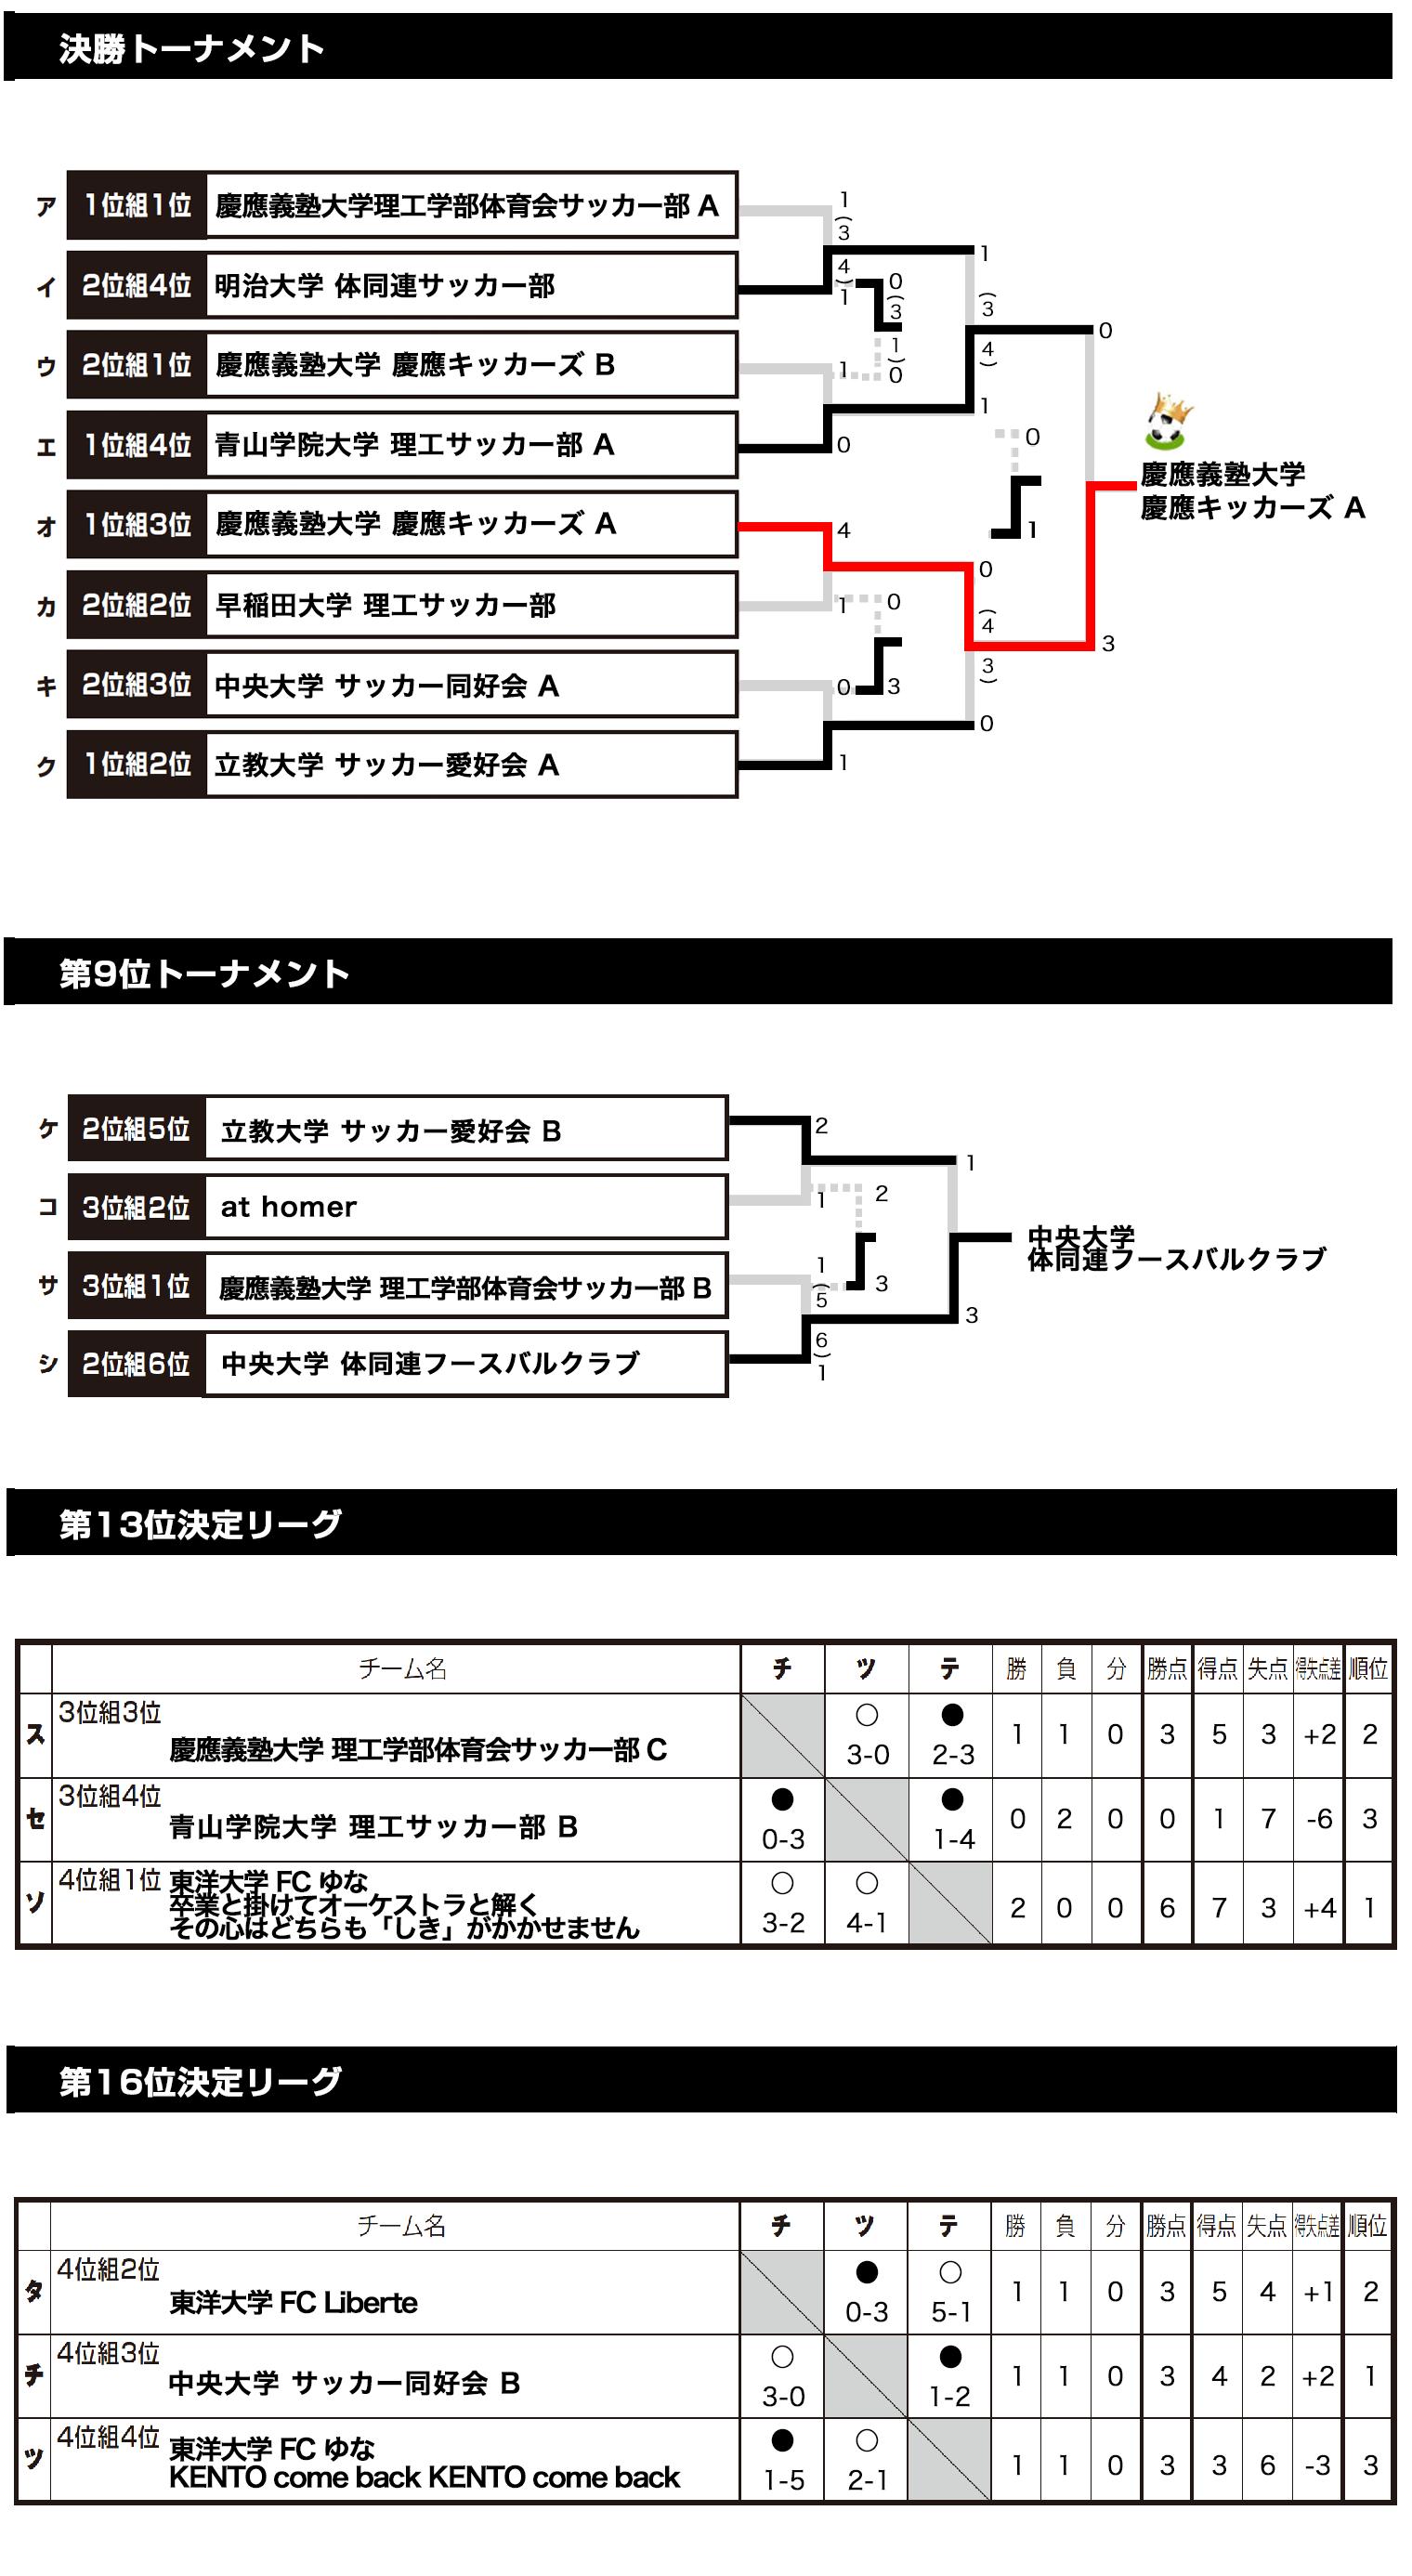 2018/3/18(日)~20(火) FOOTBALL COMPETITION 17-18【PREMIER⑤】鹿島ハイツ トーナメント表